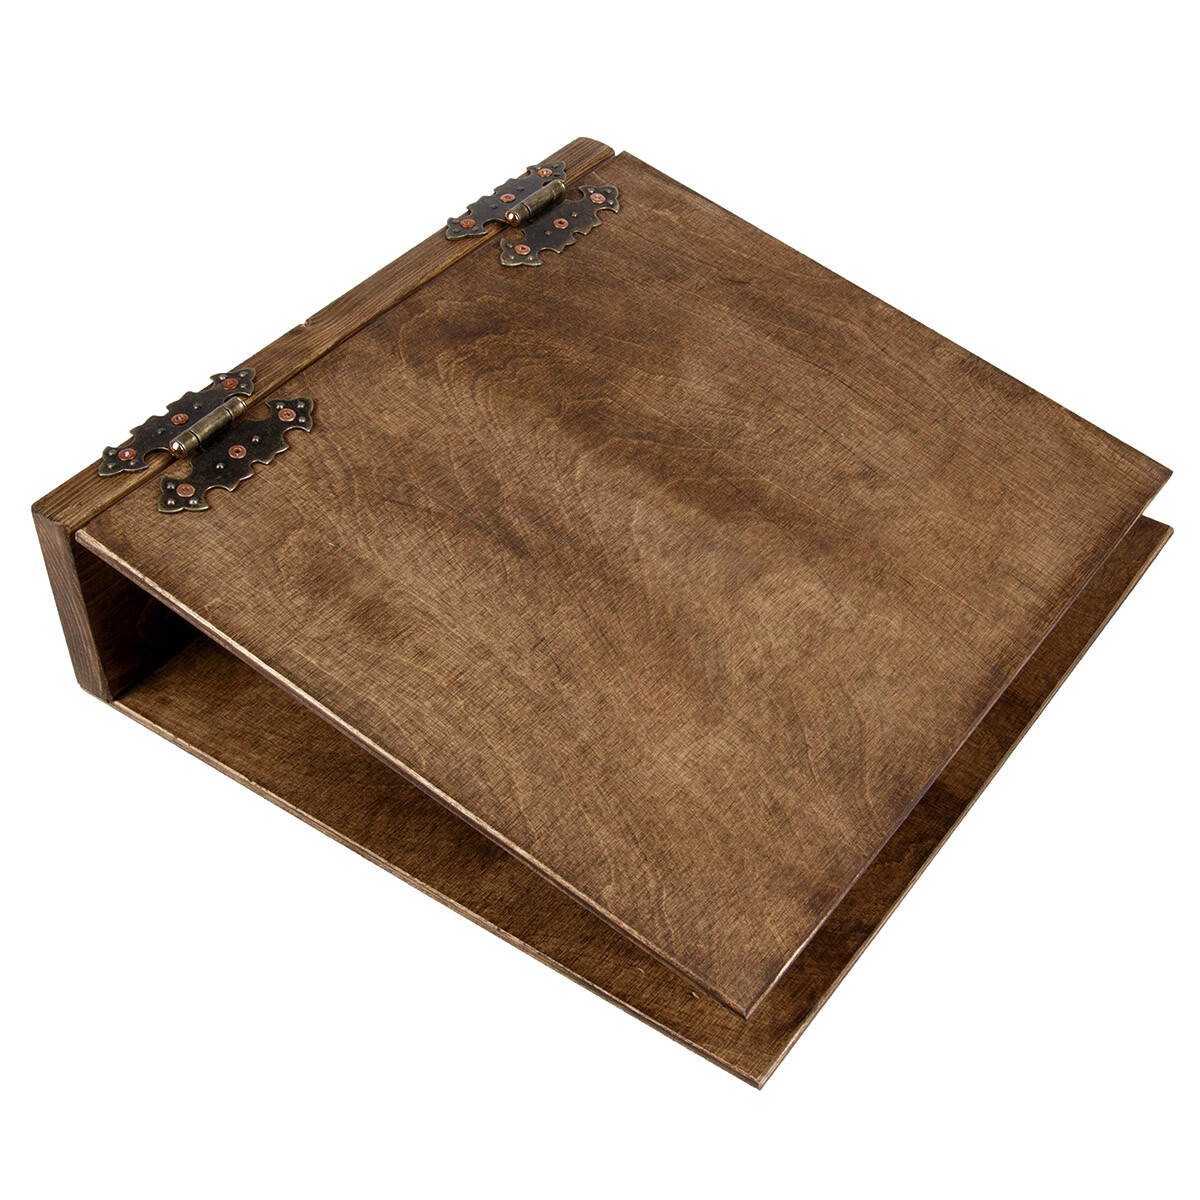 dunkler aktenordner a4 ordner aus holz. Black Bedroom Furniture Sets. Home Design Ideas